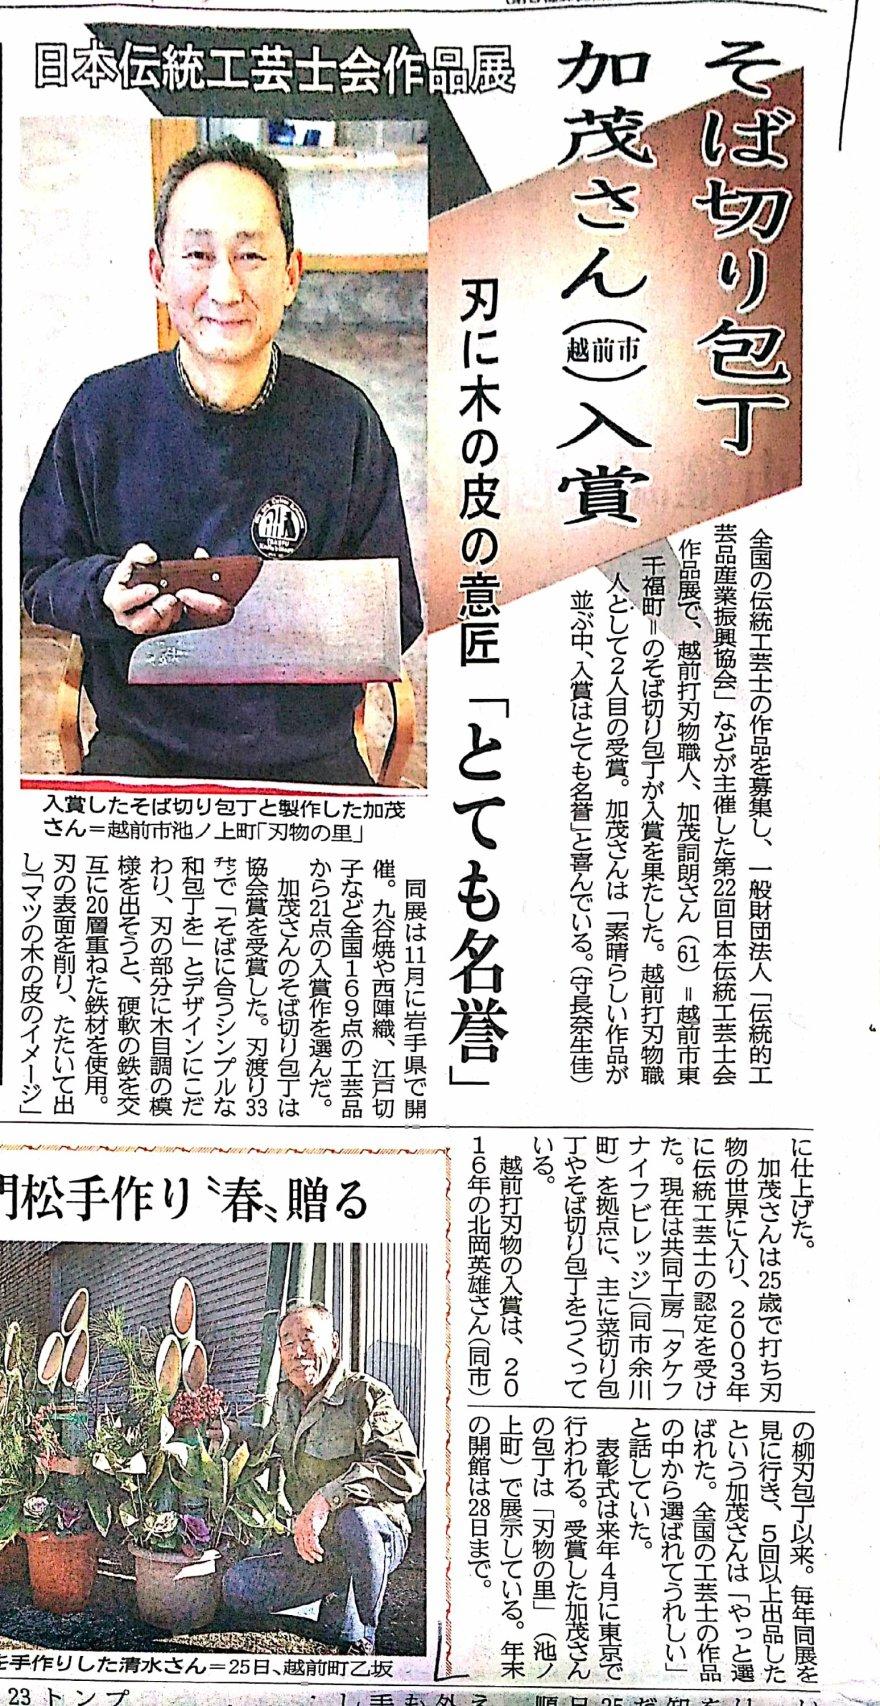 福井 新聞 チャンネル